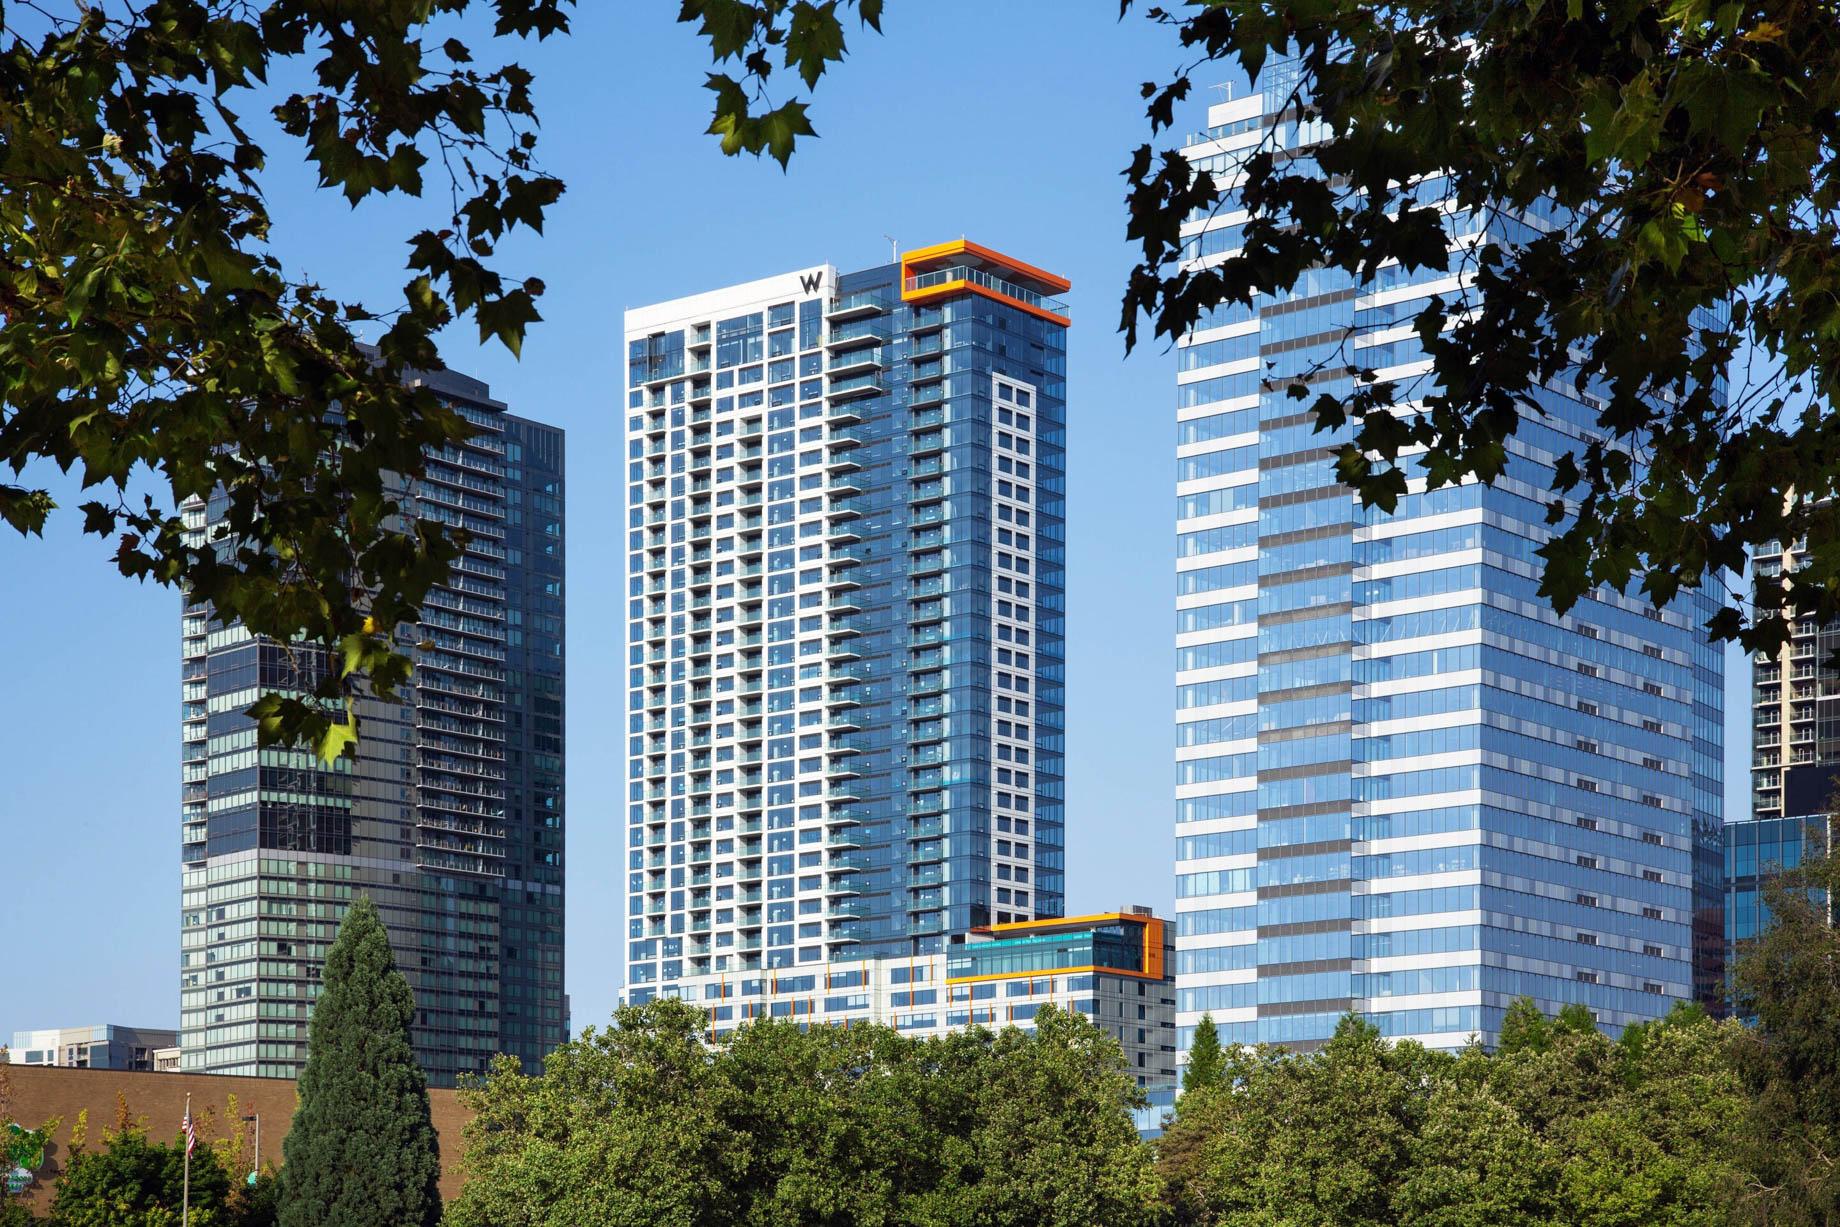 W Bellevue Luxury Hotel - Bellevue, WA, USA - Hotel Exterior